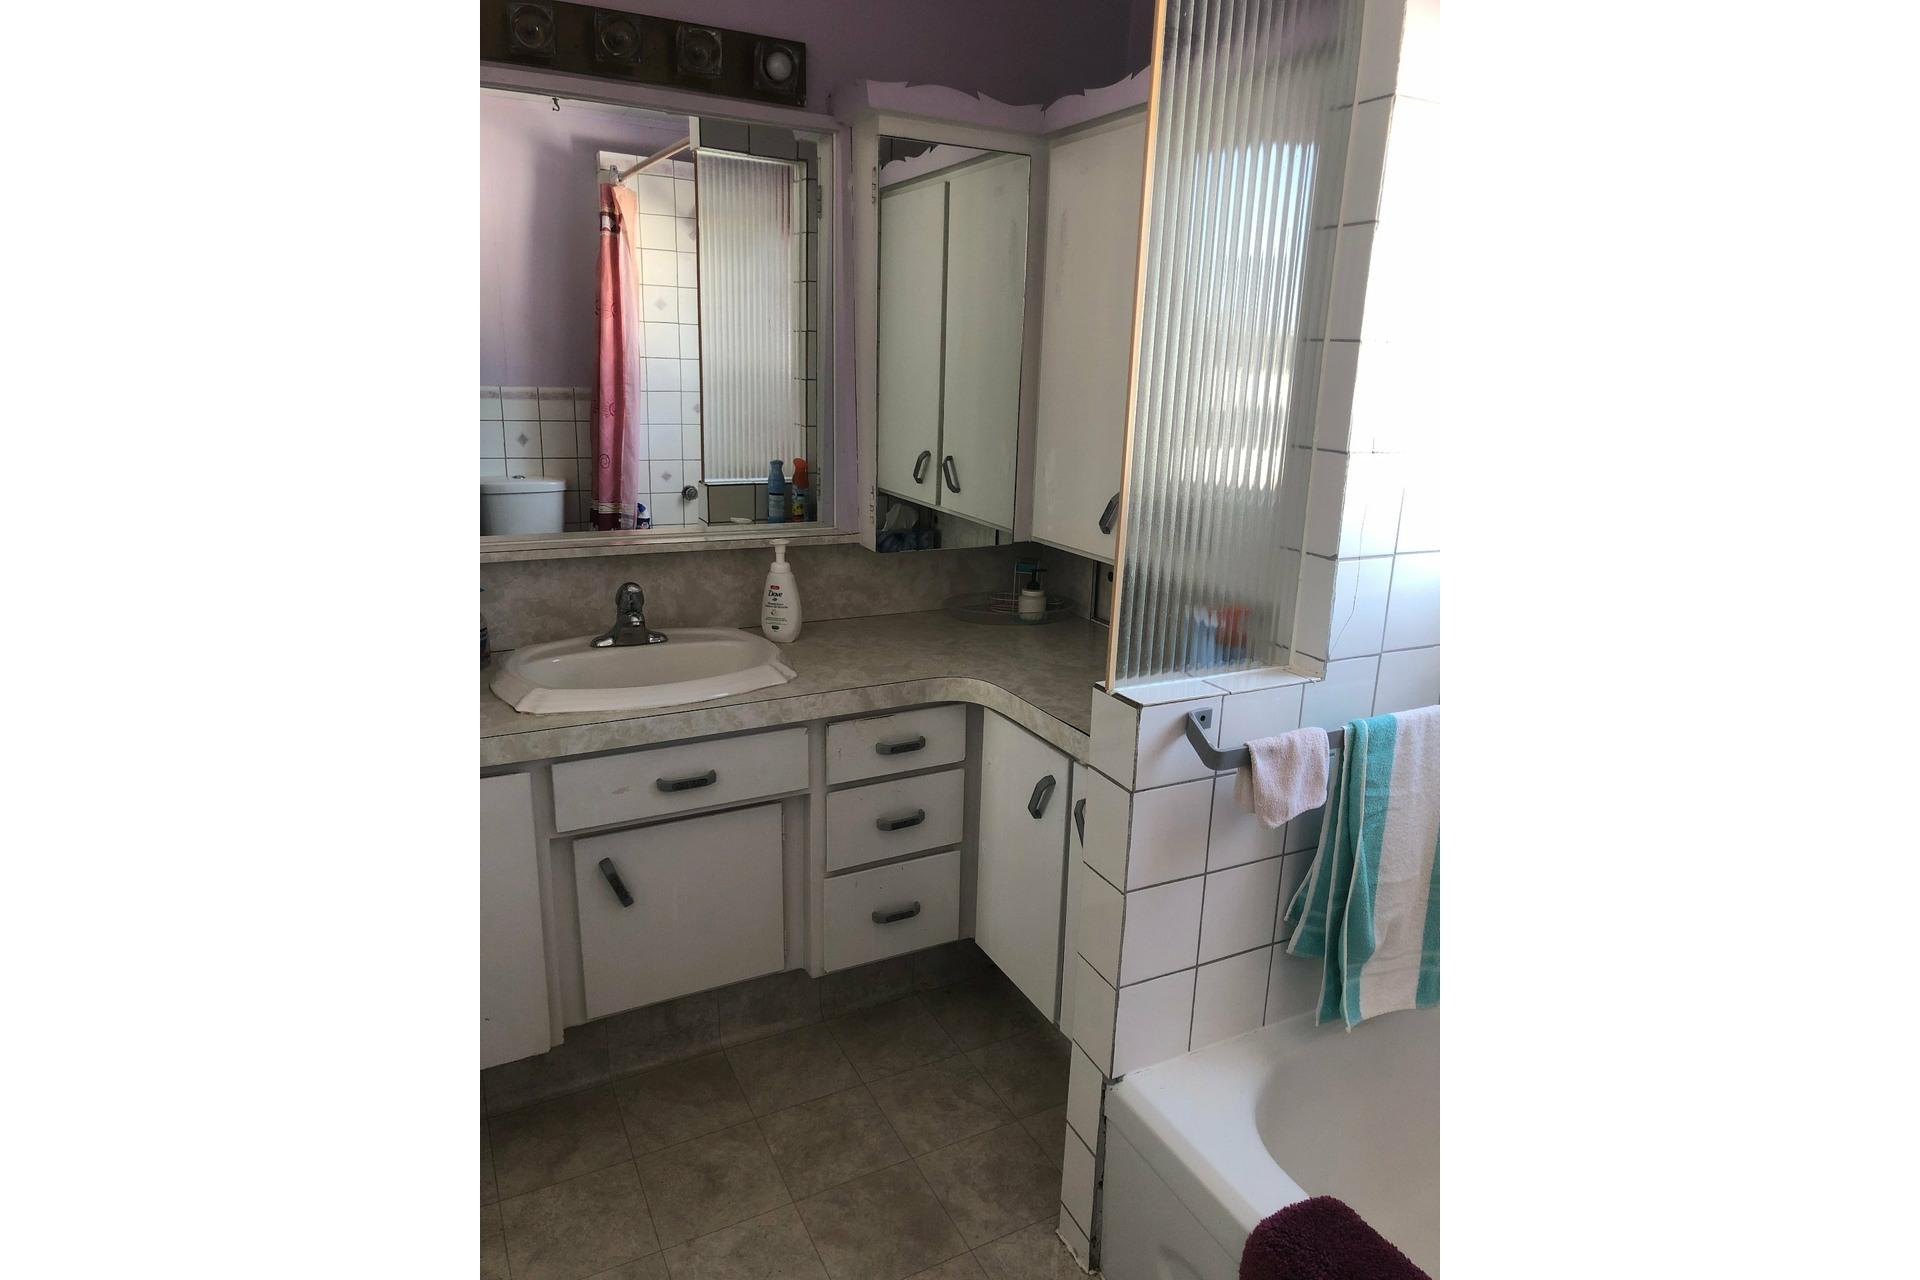 image 9 - House For sale Sainte-Marie-de-Blandford - 12 rooms